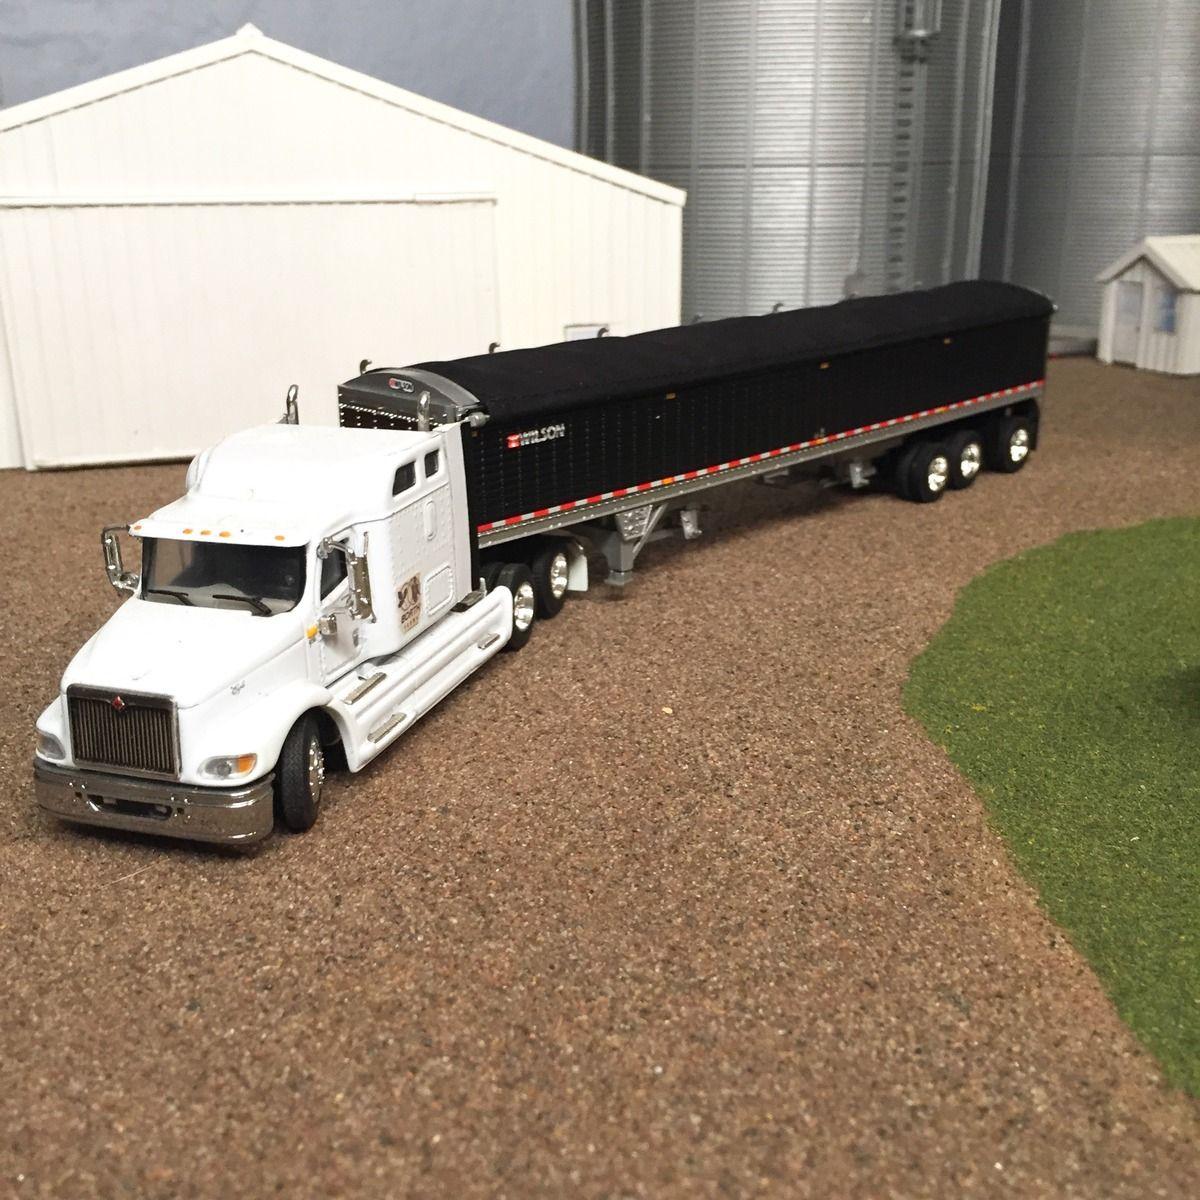 1 64 scale trucks and trailers - Dcp Ertl Custom Horse Trailer Farm Toy 1 64 Custom Trailers Toy And Farming